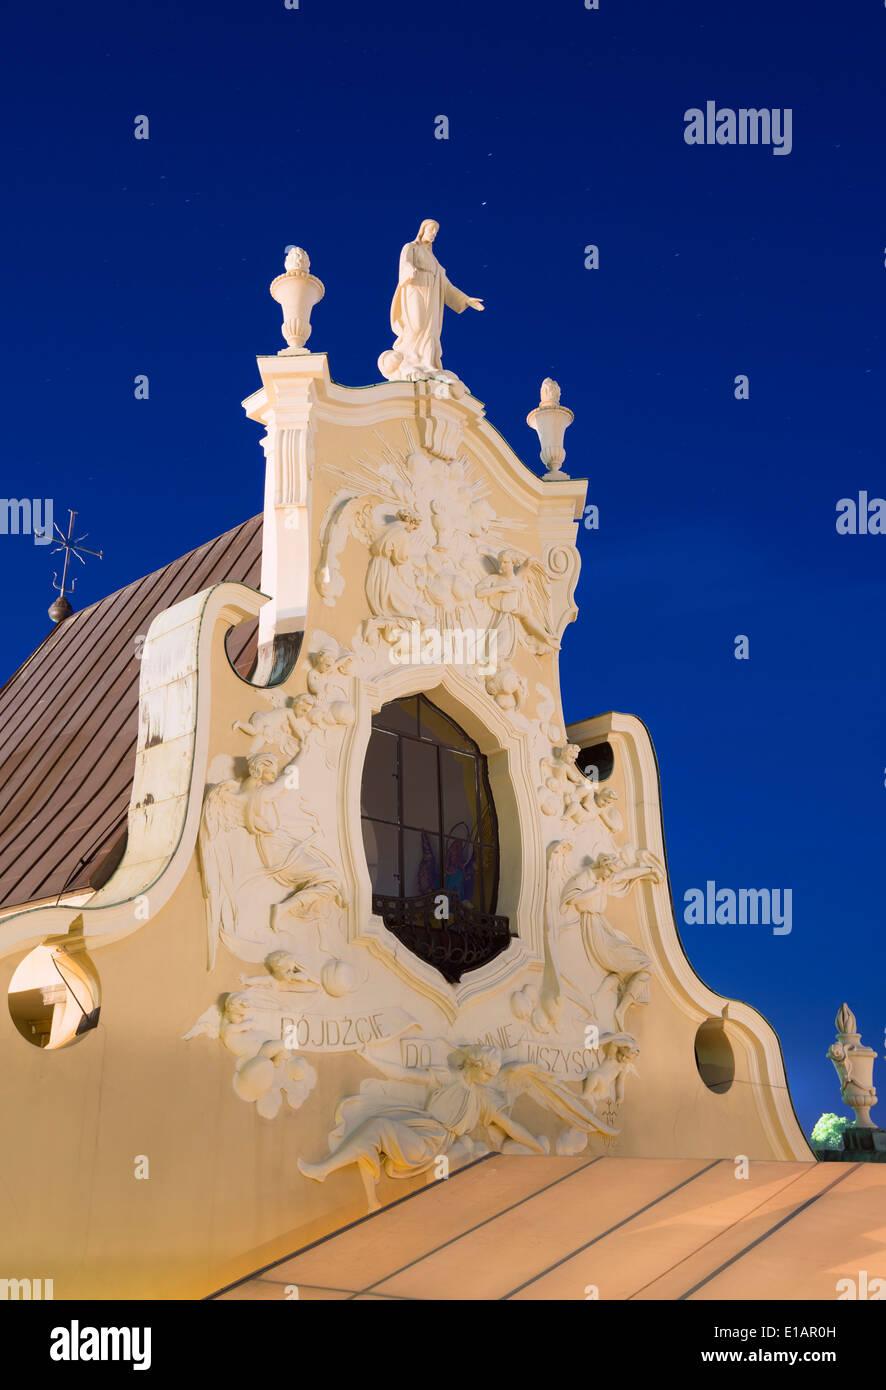 Europe, Poland, Malopolska, Czestochowa, Monastery of Jasna Gora - Stock Image